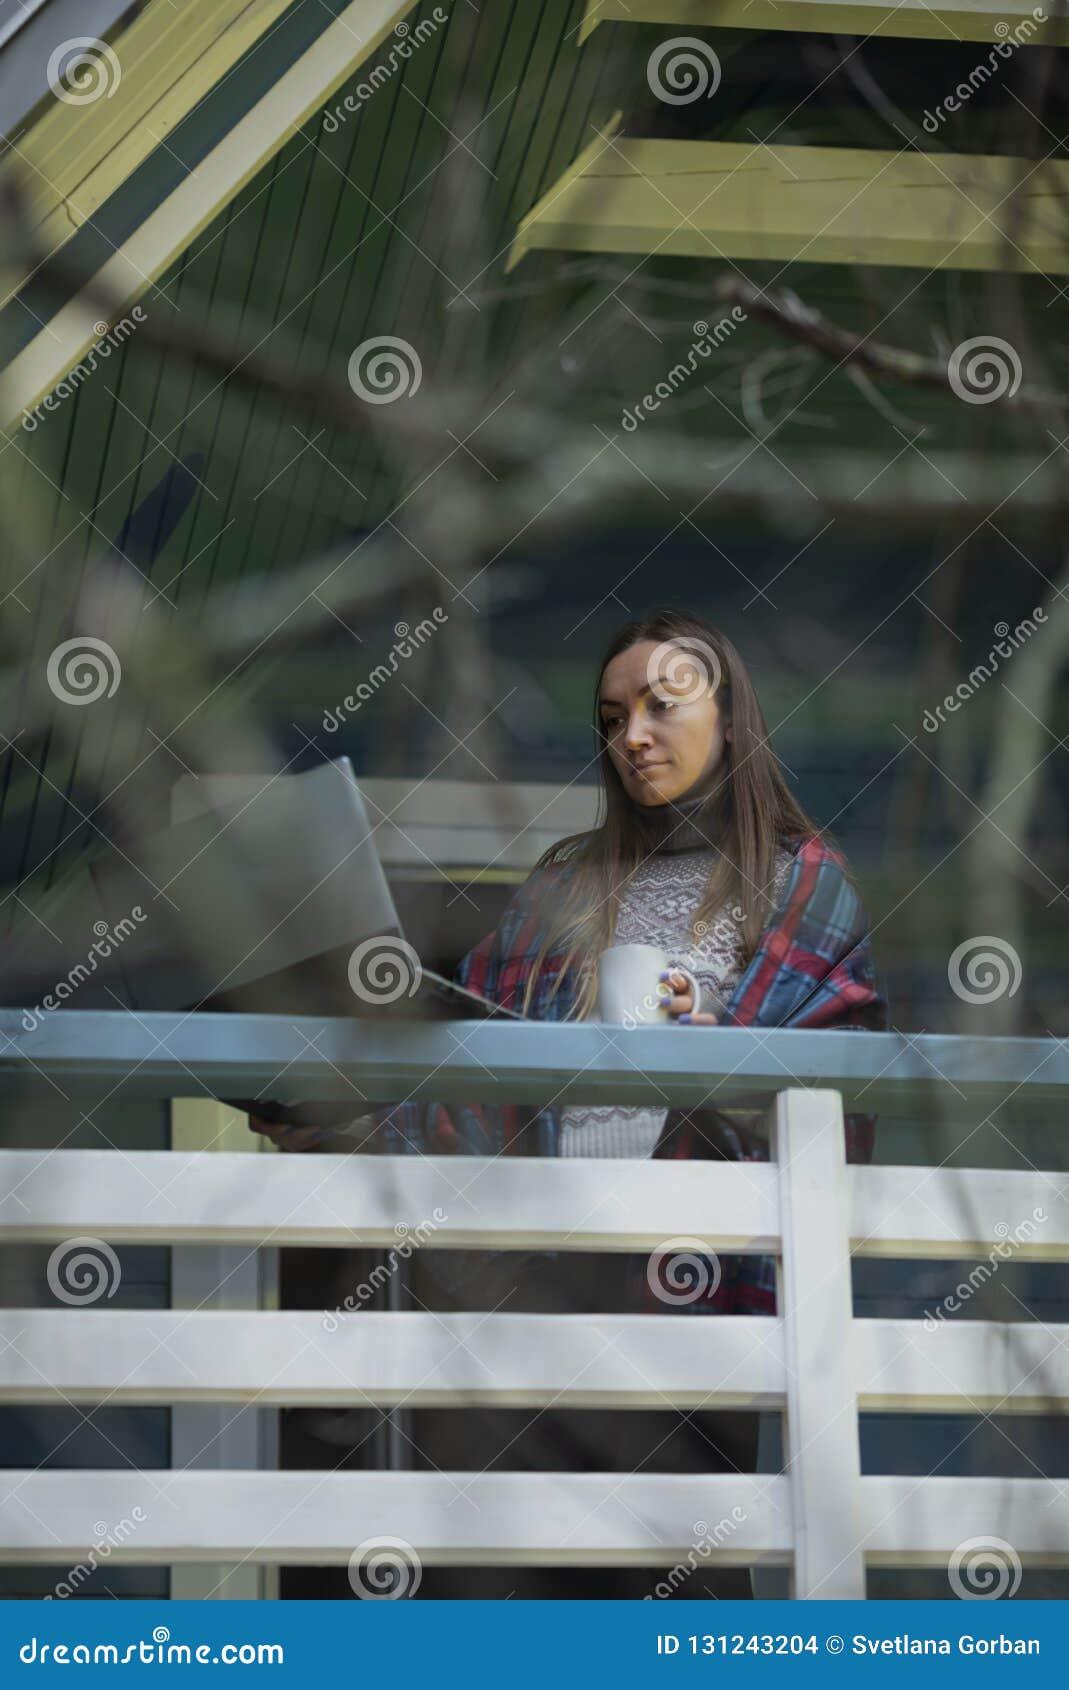 年轻女人,膝上型计算机,大阳台,茶,自然